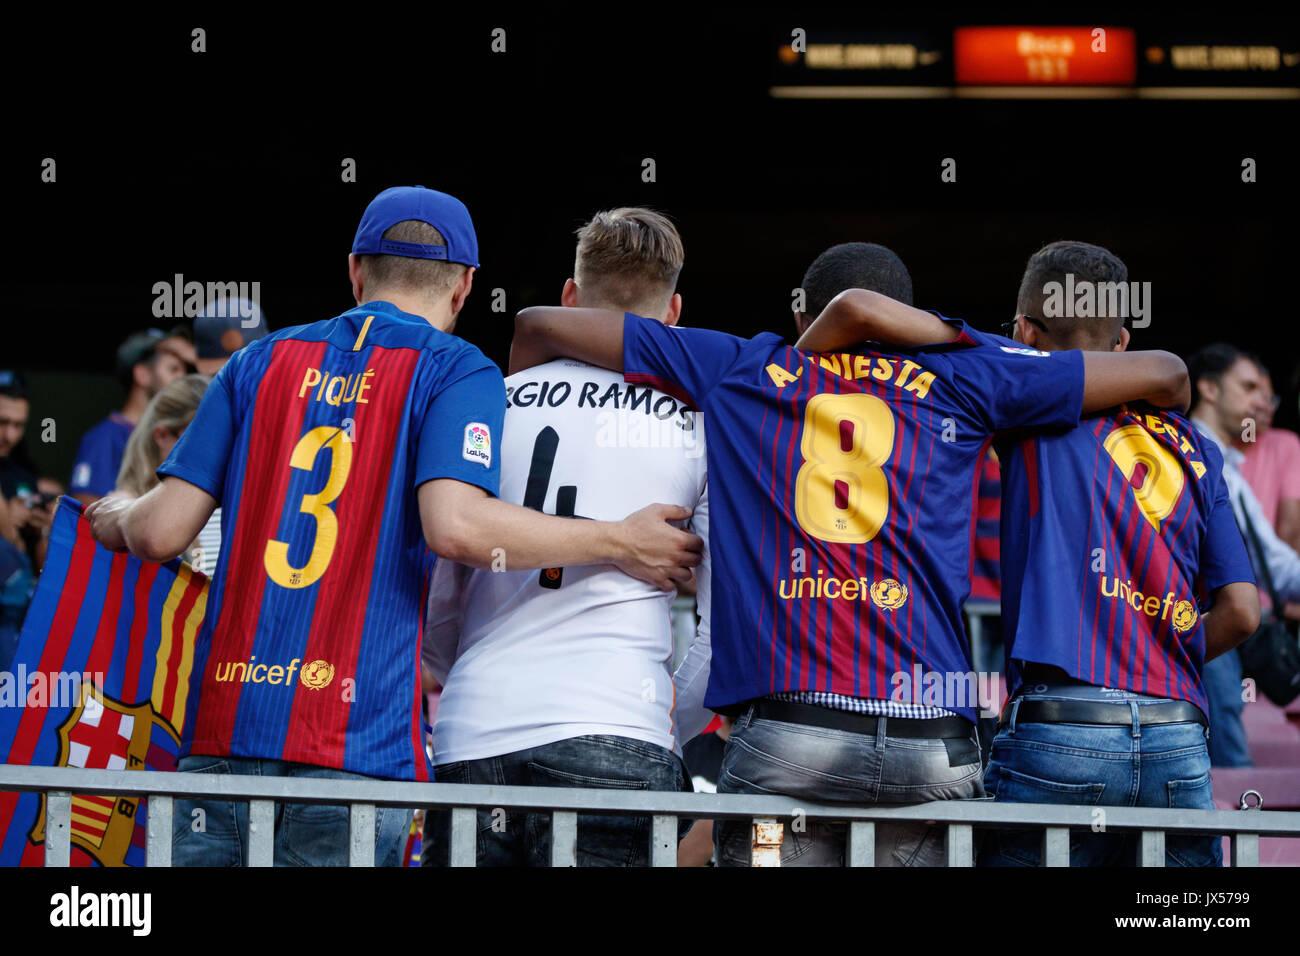 Camp Nou, Barcelona, Espagne. 13 août, 2017. Super Coupe d'Espagne entre le FC Barcelone et le Real Madrid. Fans juste avant le match. Crédit: David Ramírez/Alamy Live News Photo Stock